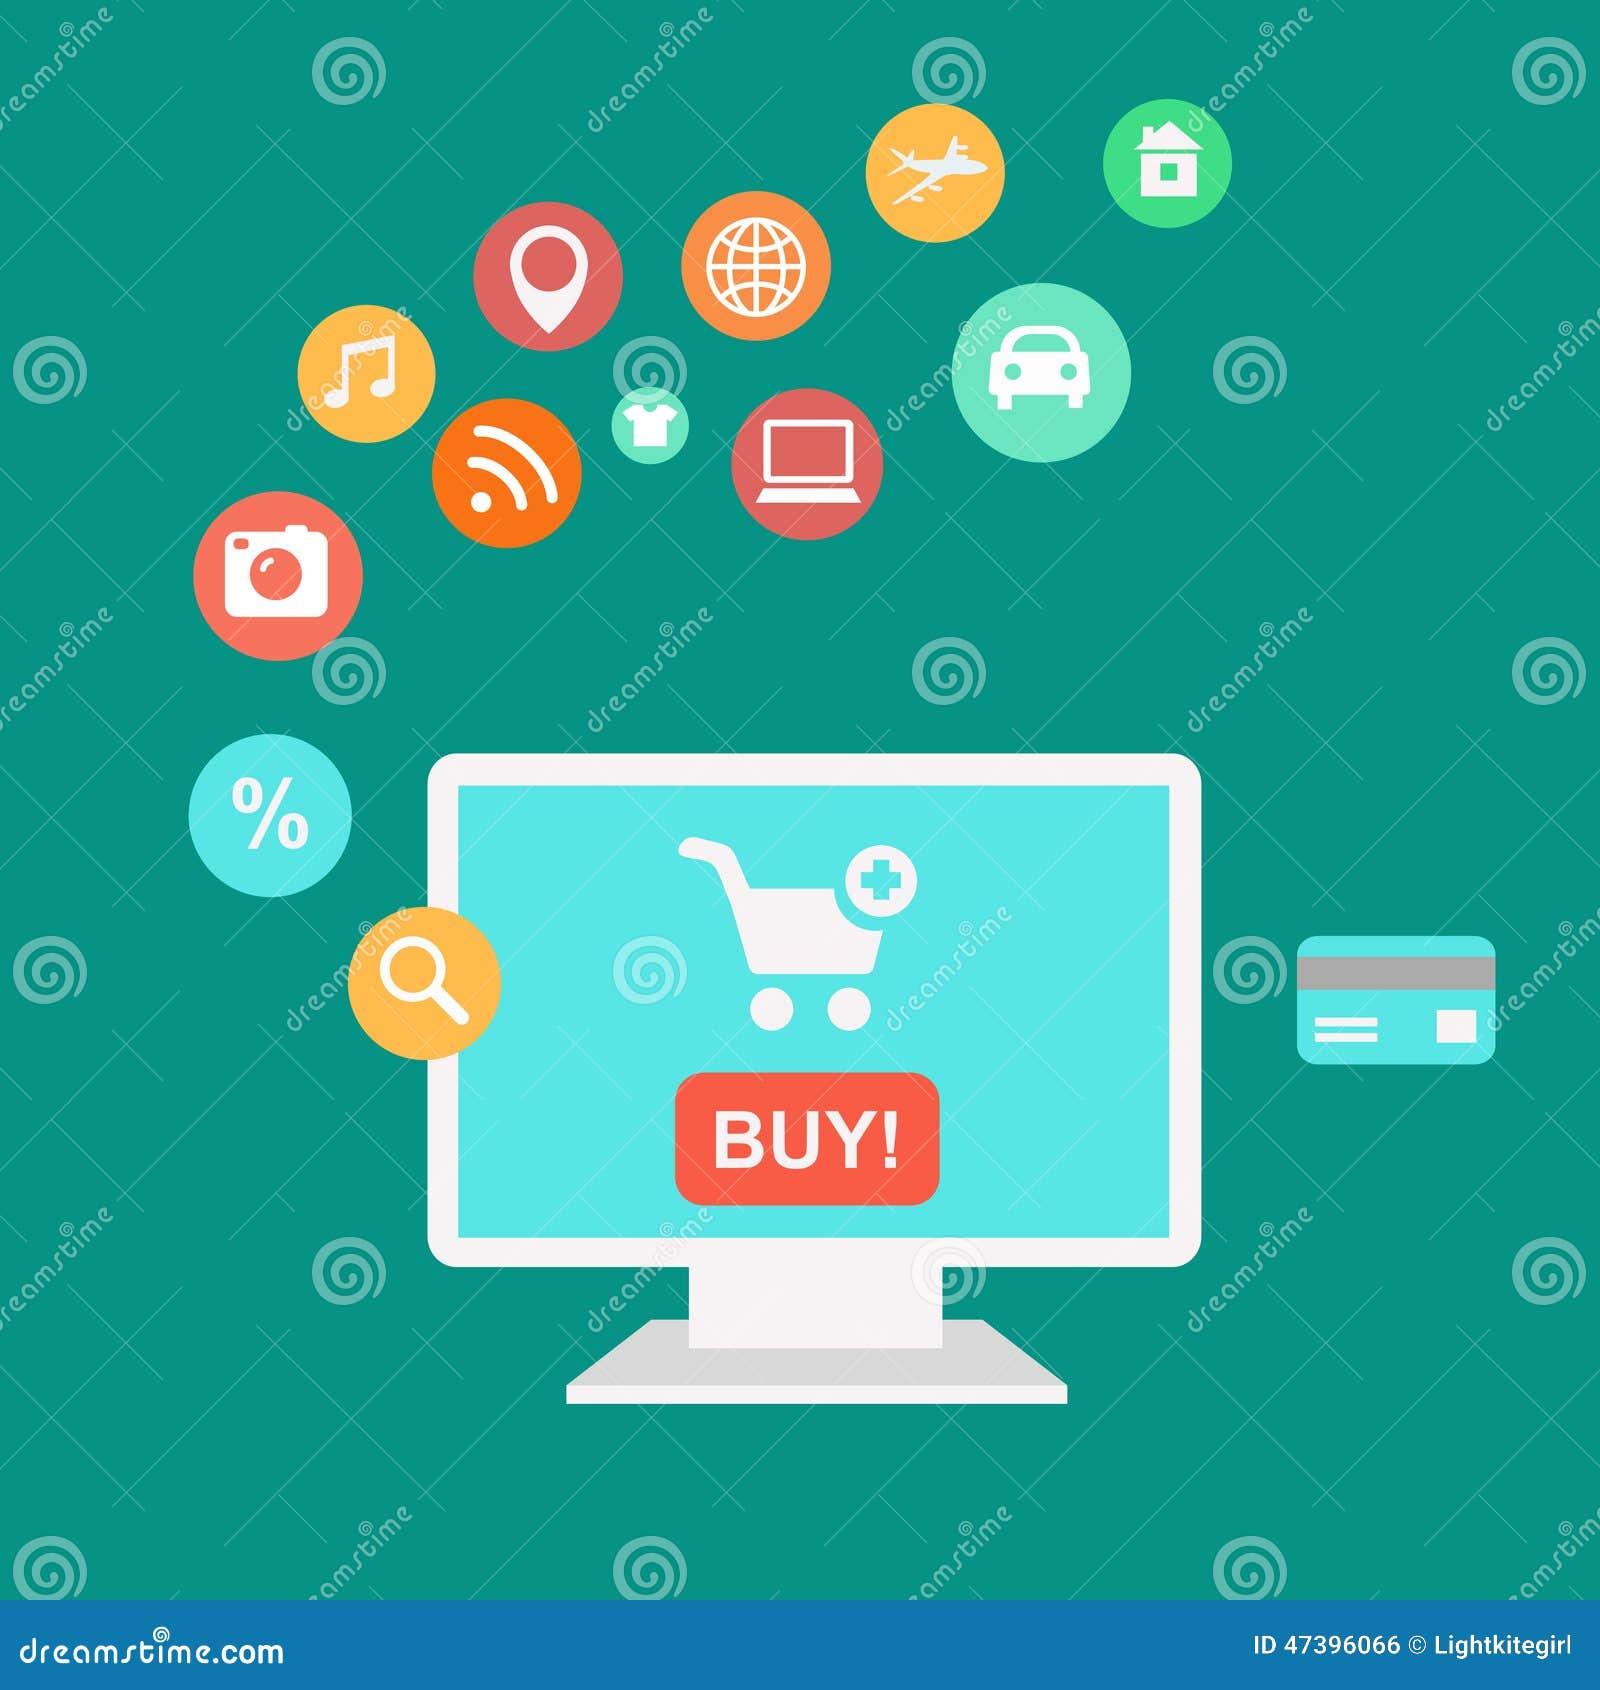 Poster design online - Design Flat Online